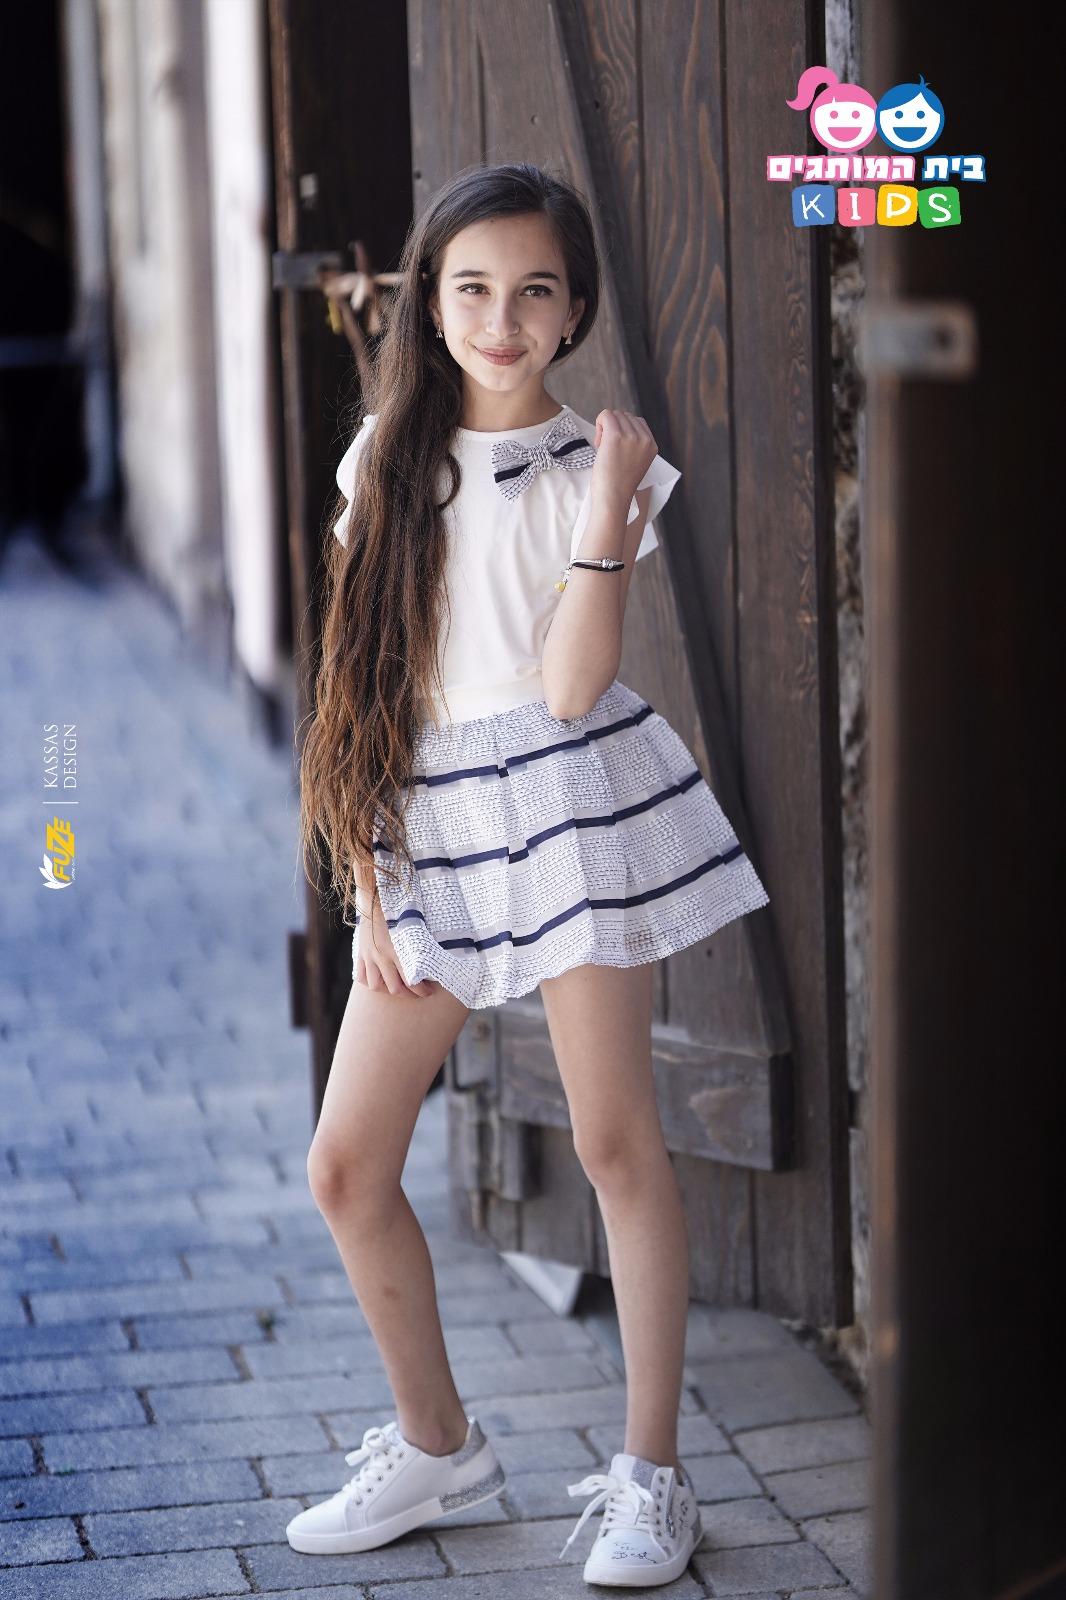 تخفيضات 50% بمناسبة العيد - بوتيك بيت هموتجيم Kids يعلن وصول ملابس العيد